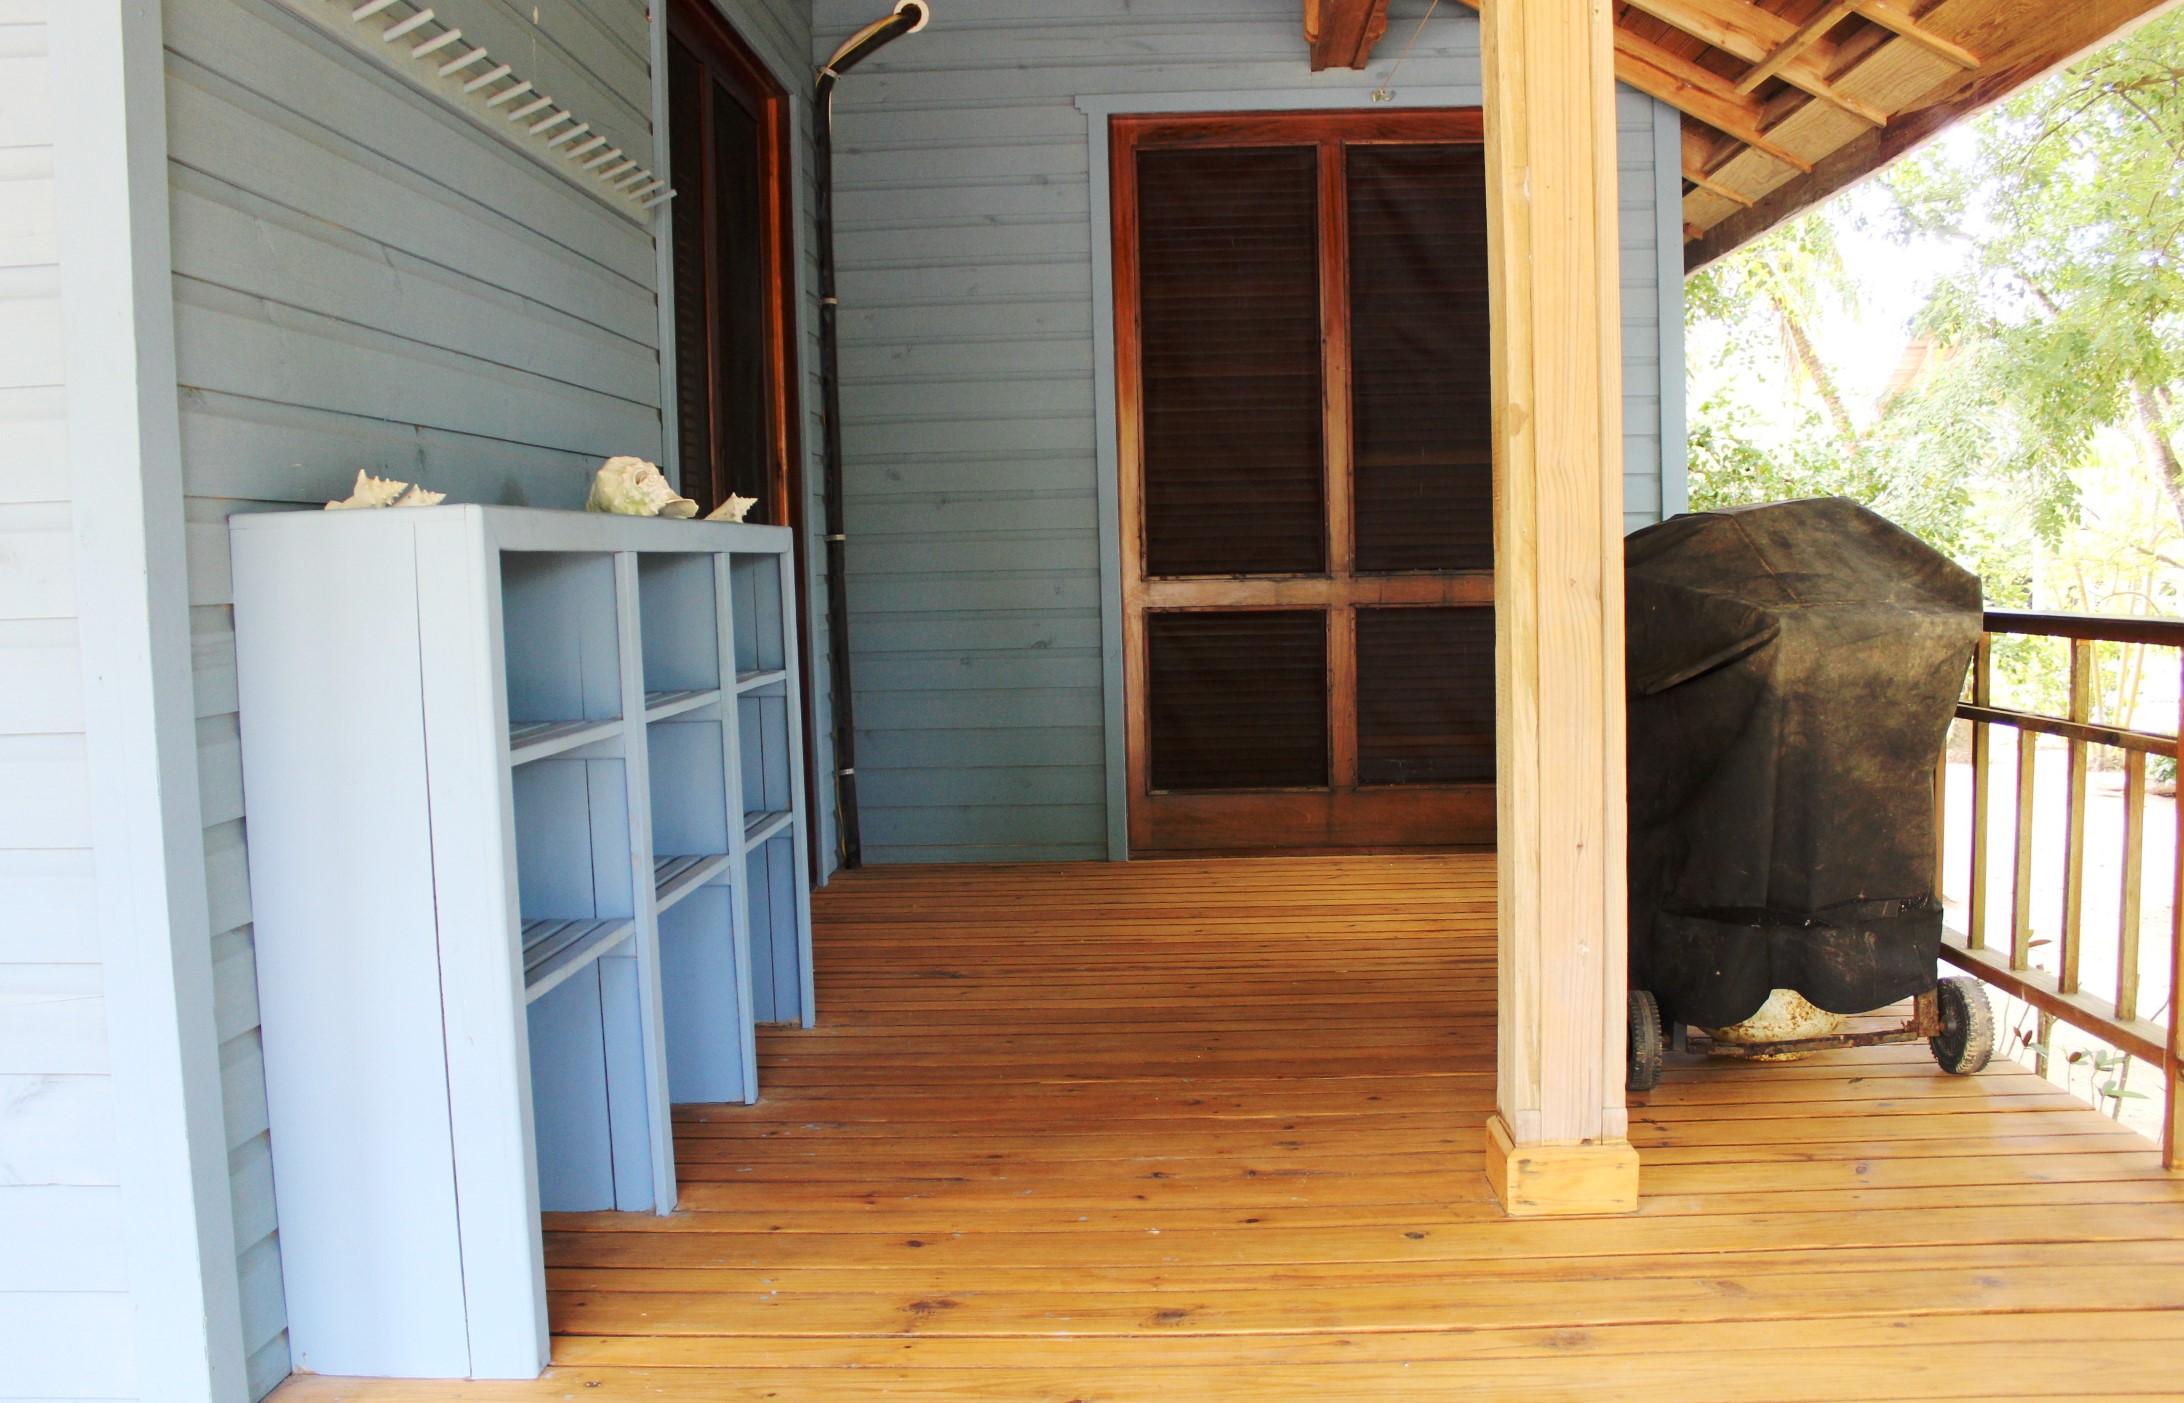 Bbq area, door to third bedroom